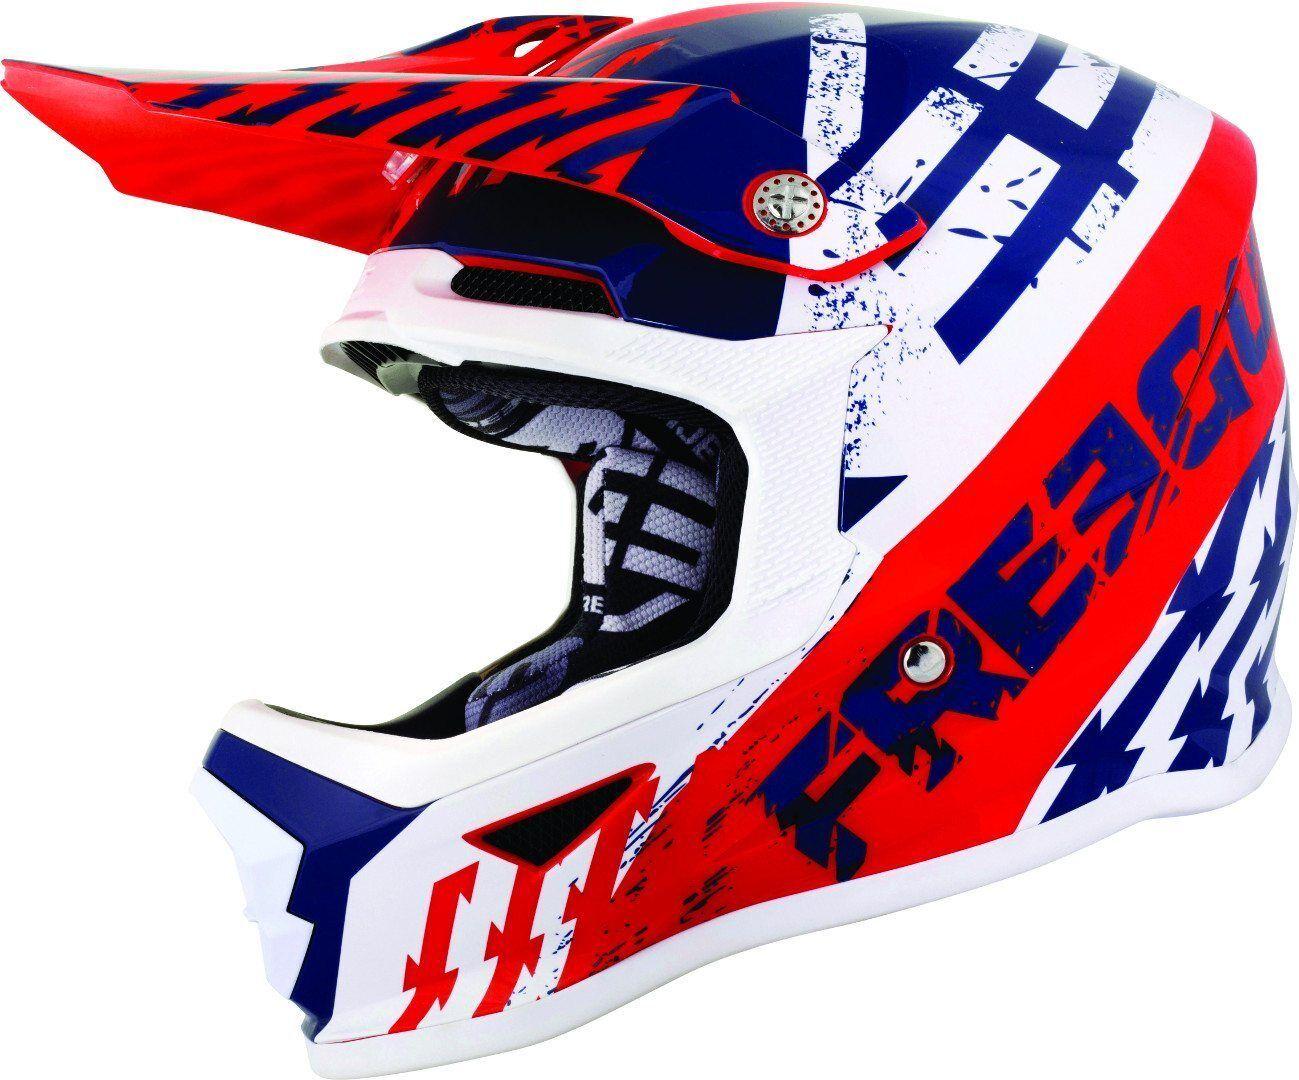 Freegun XP4 Outlaw Casco de Motocross de los niños Blanco Rojo Azul M